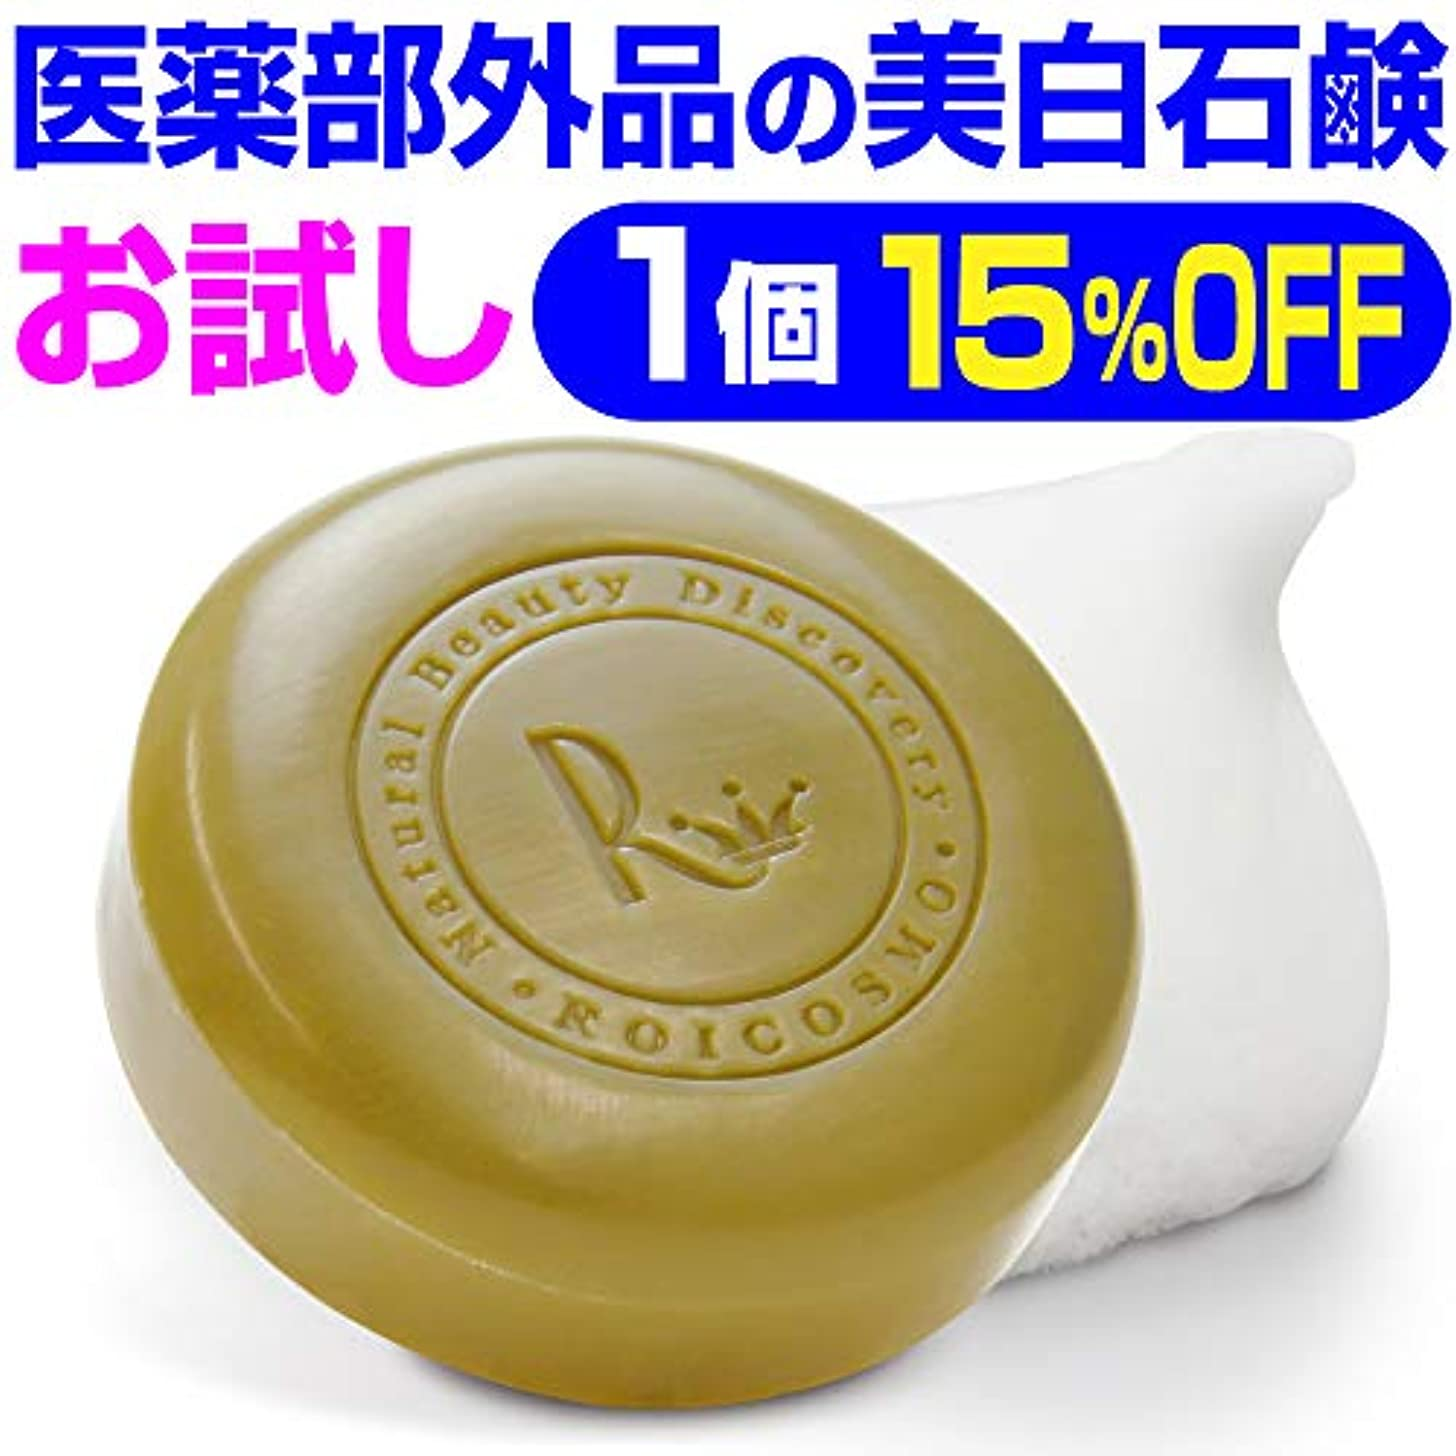 排除熱心な液体お試し15%OFF ビタミンC270倍の美白成分配合の 洗顔石鹸 固形『ホワイトソープ100g×1個』(初回限定)